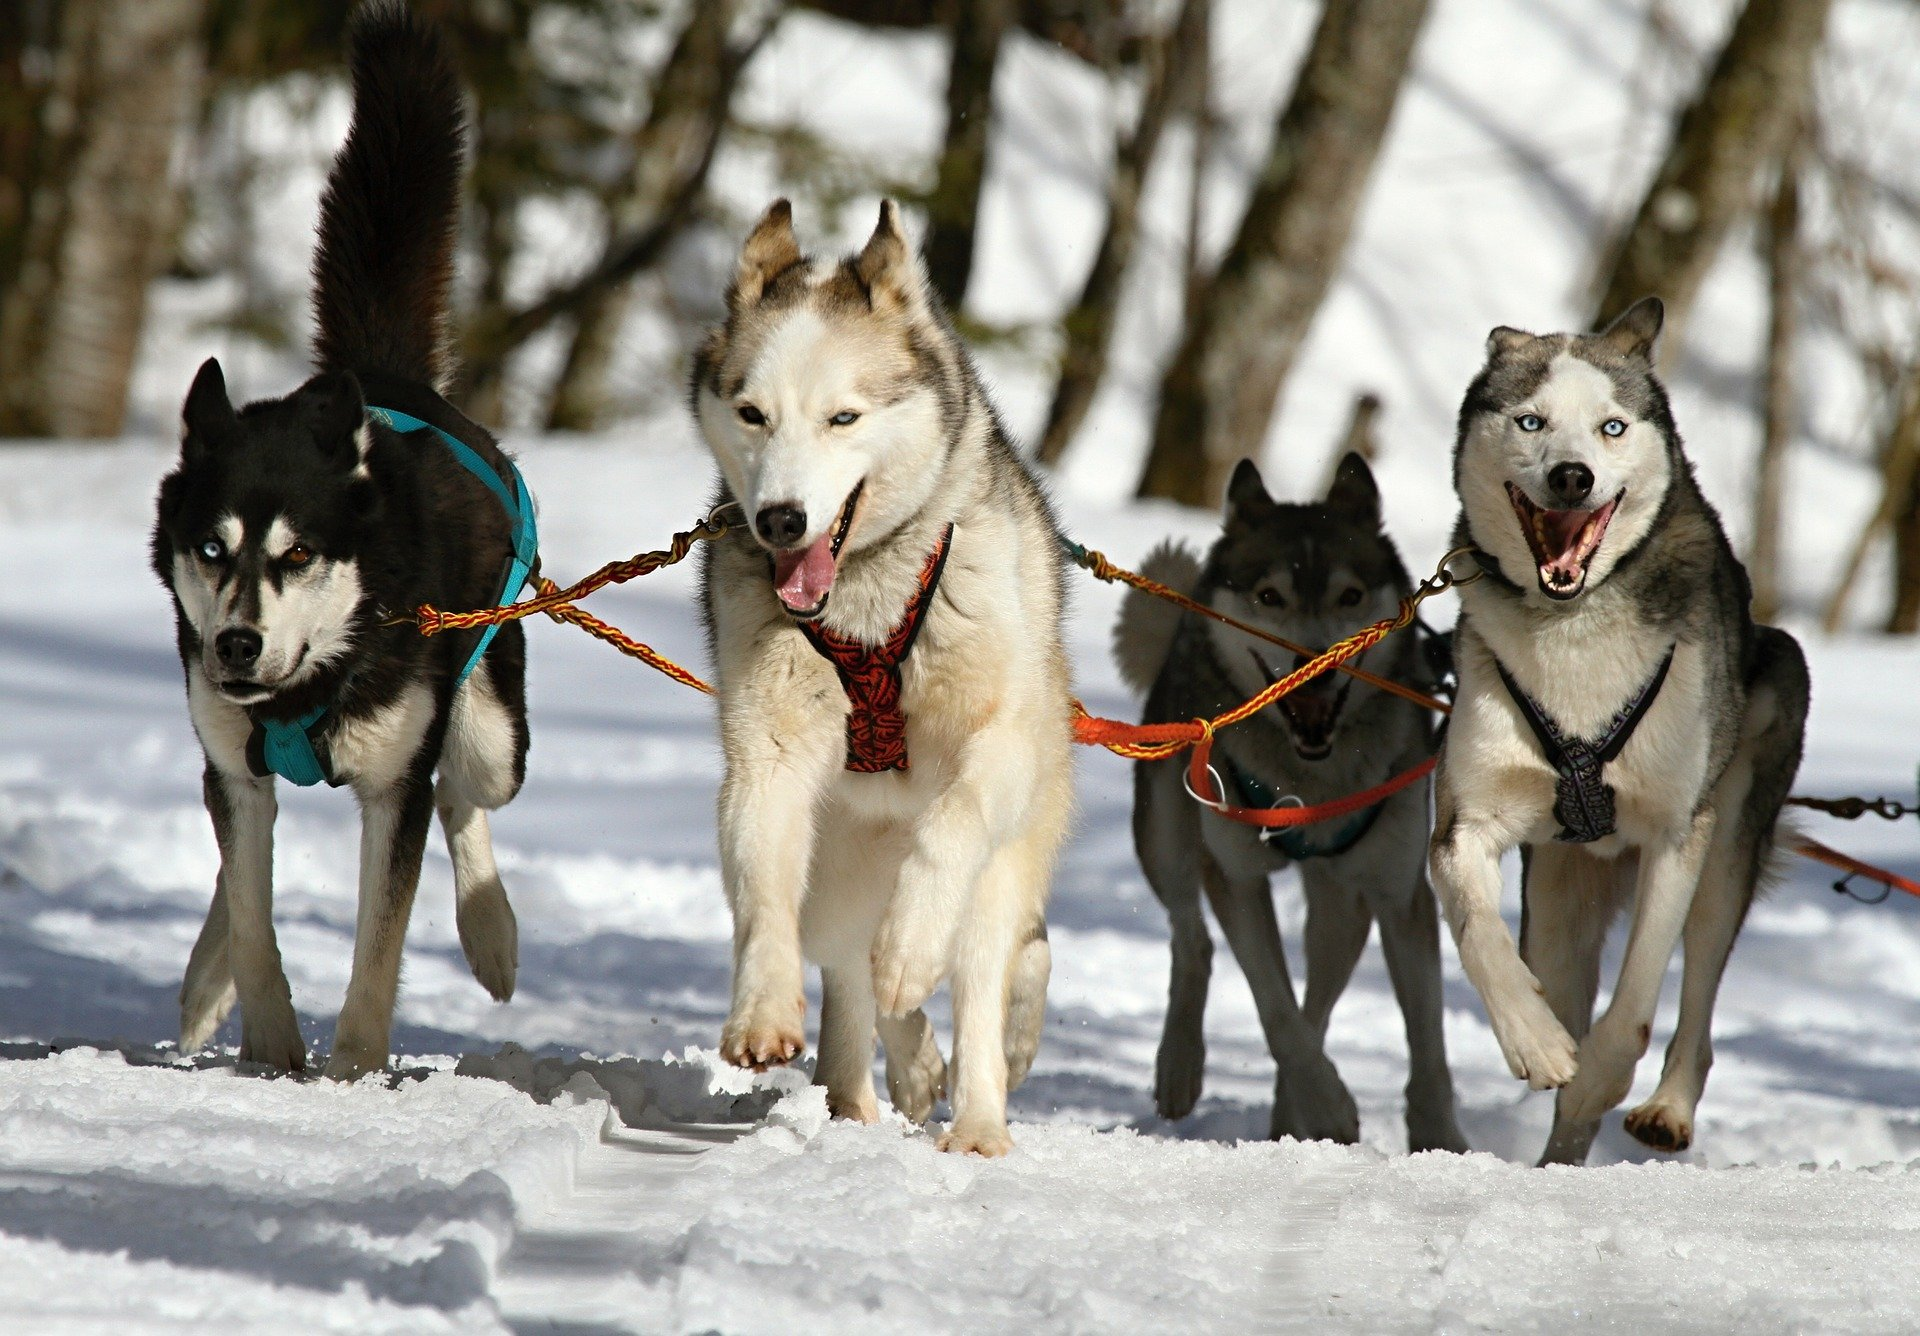 Maltrattamento degli animali: protesta contro corse cani da slitta